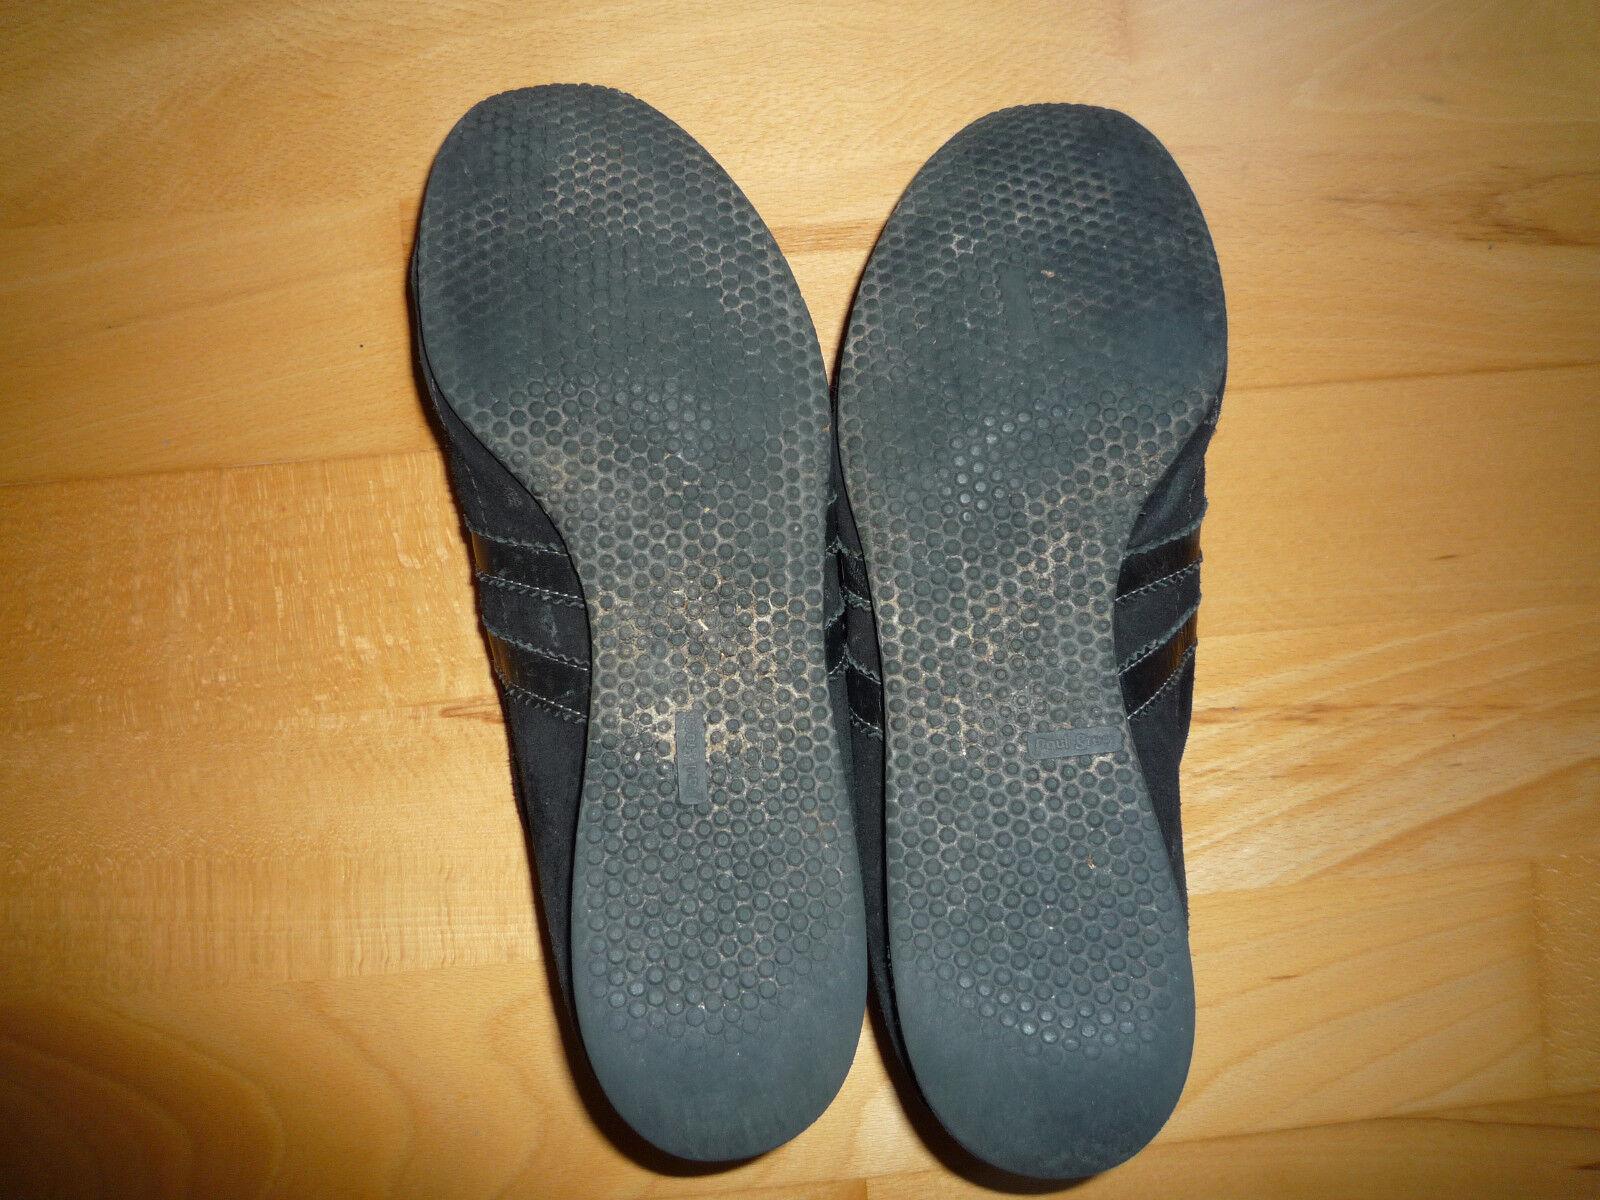 Paul Green, München - Damenschuhe 38 Sneaker - Gr. 38 Damenschuhe 6b5f29